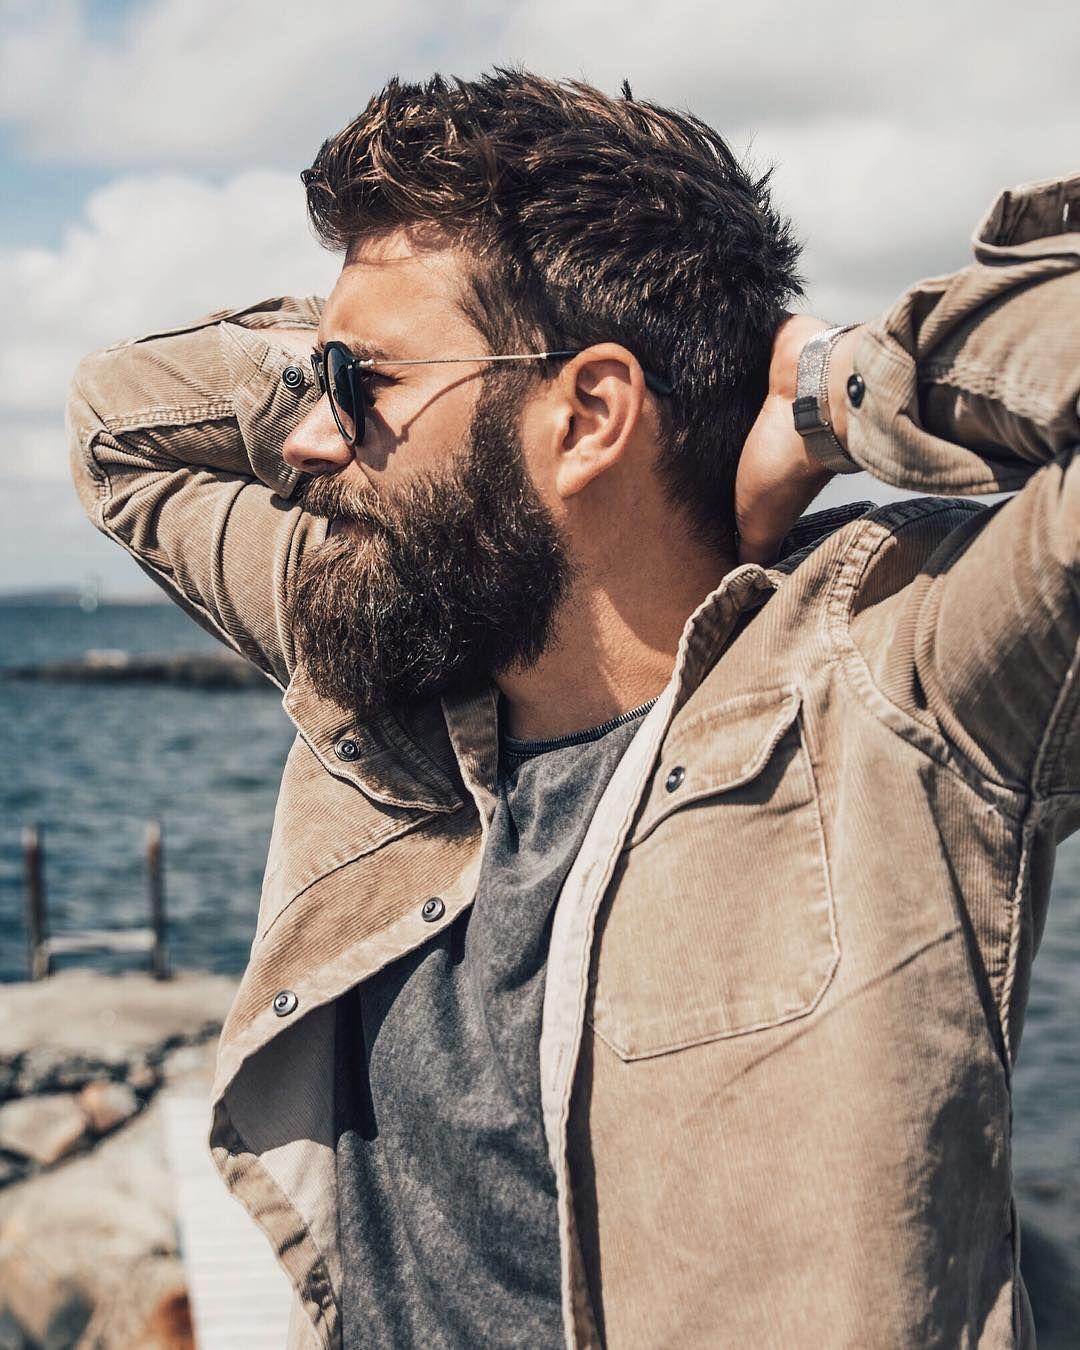 Beard and sunglasses slackerblack menus style pinterest